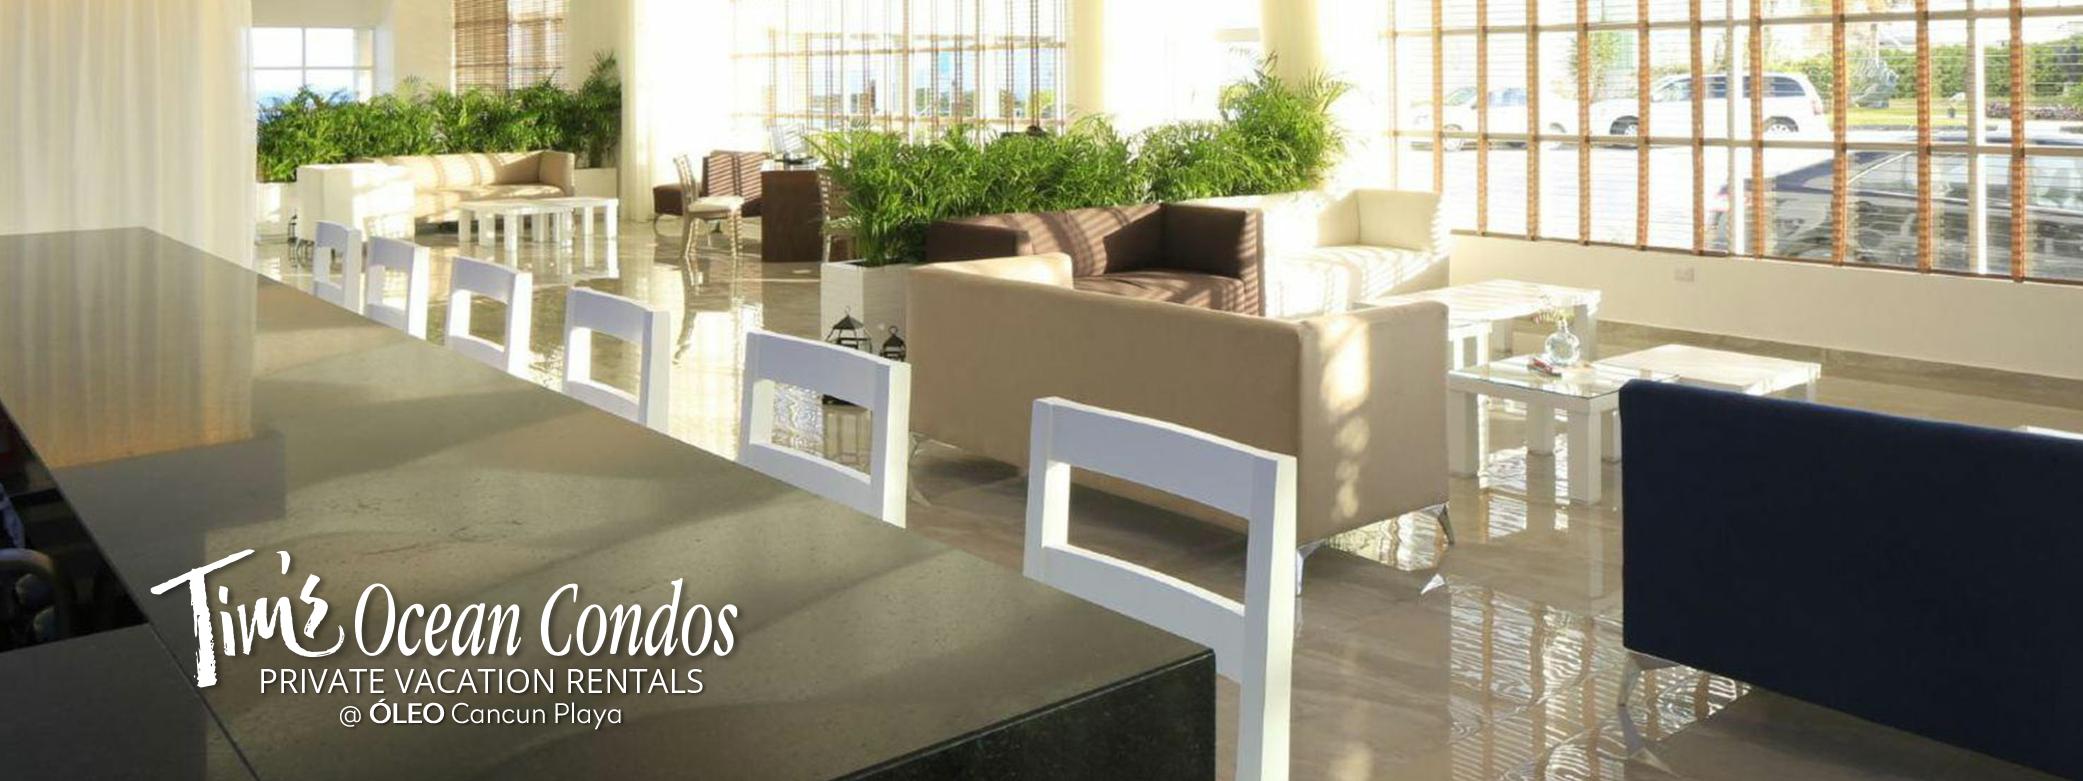 ÓLEO Cancún Playa - Lobby Bar